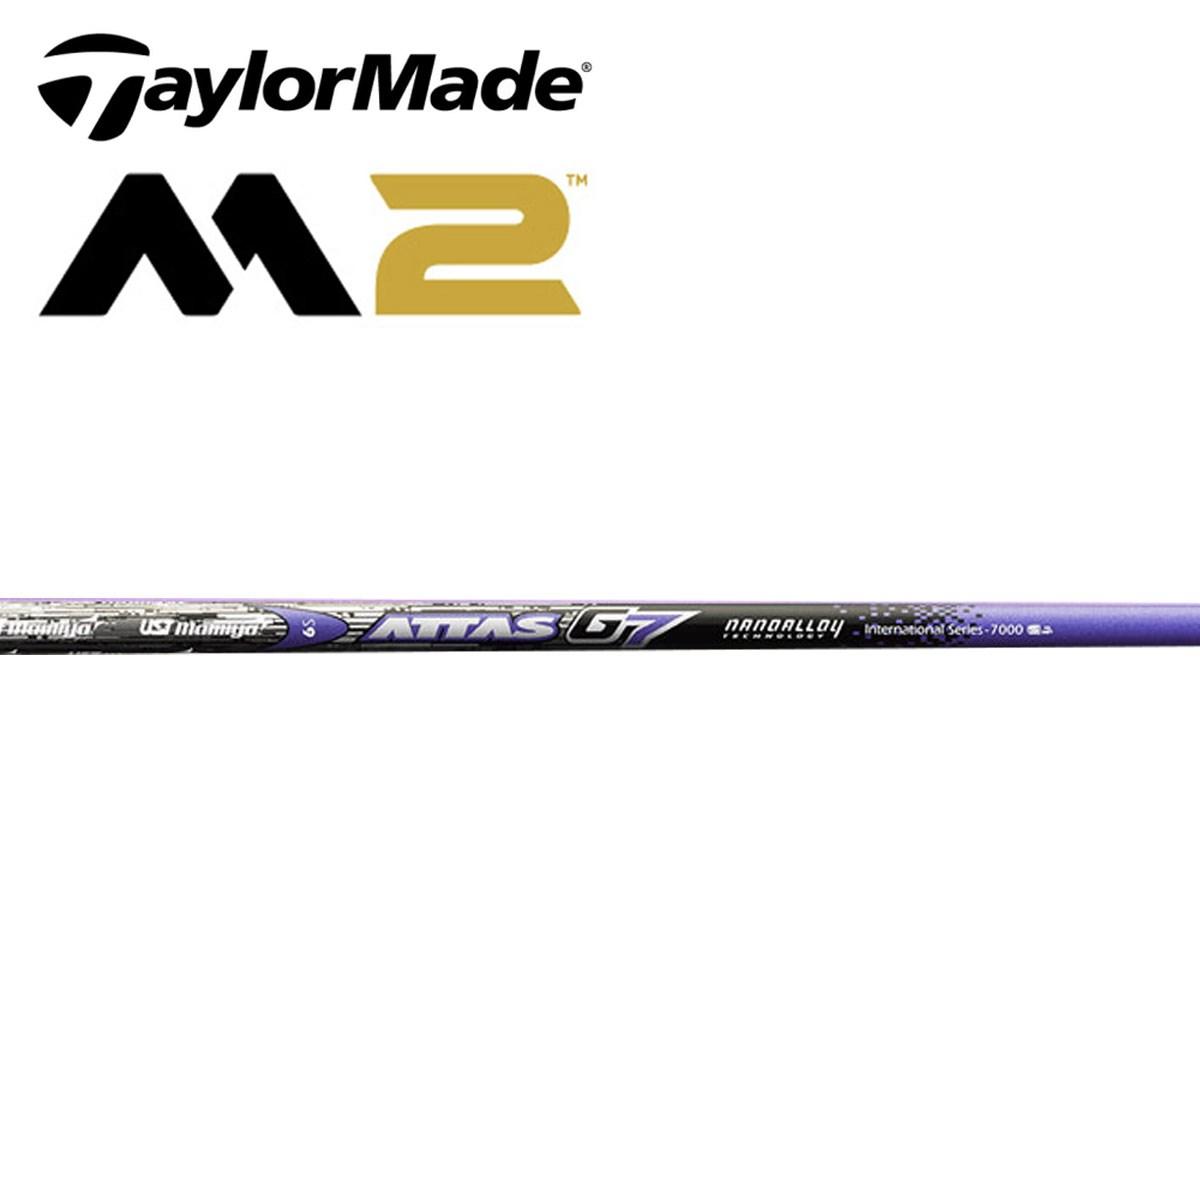 UST マミヤ ATTAS G7シリーズ M2 ドライバーロフト10.5度用スリーブ付きシャフト 2016年モデル【テーラーメイド専用】